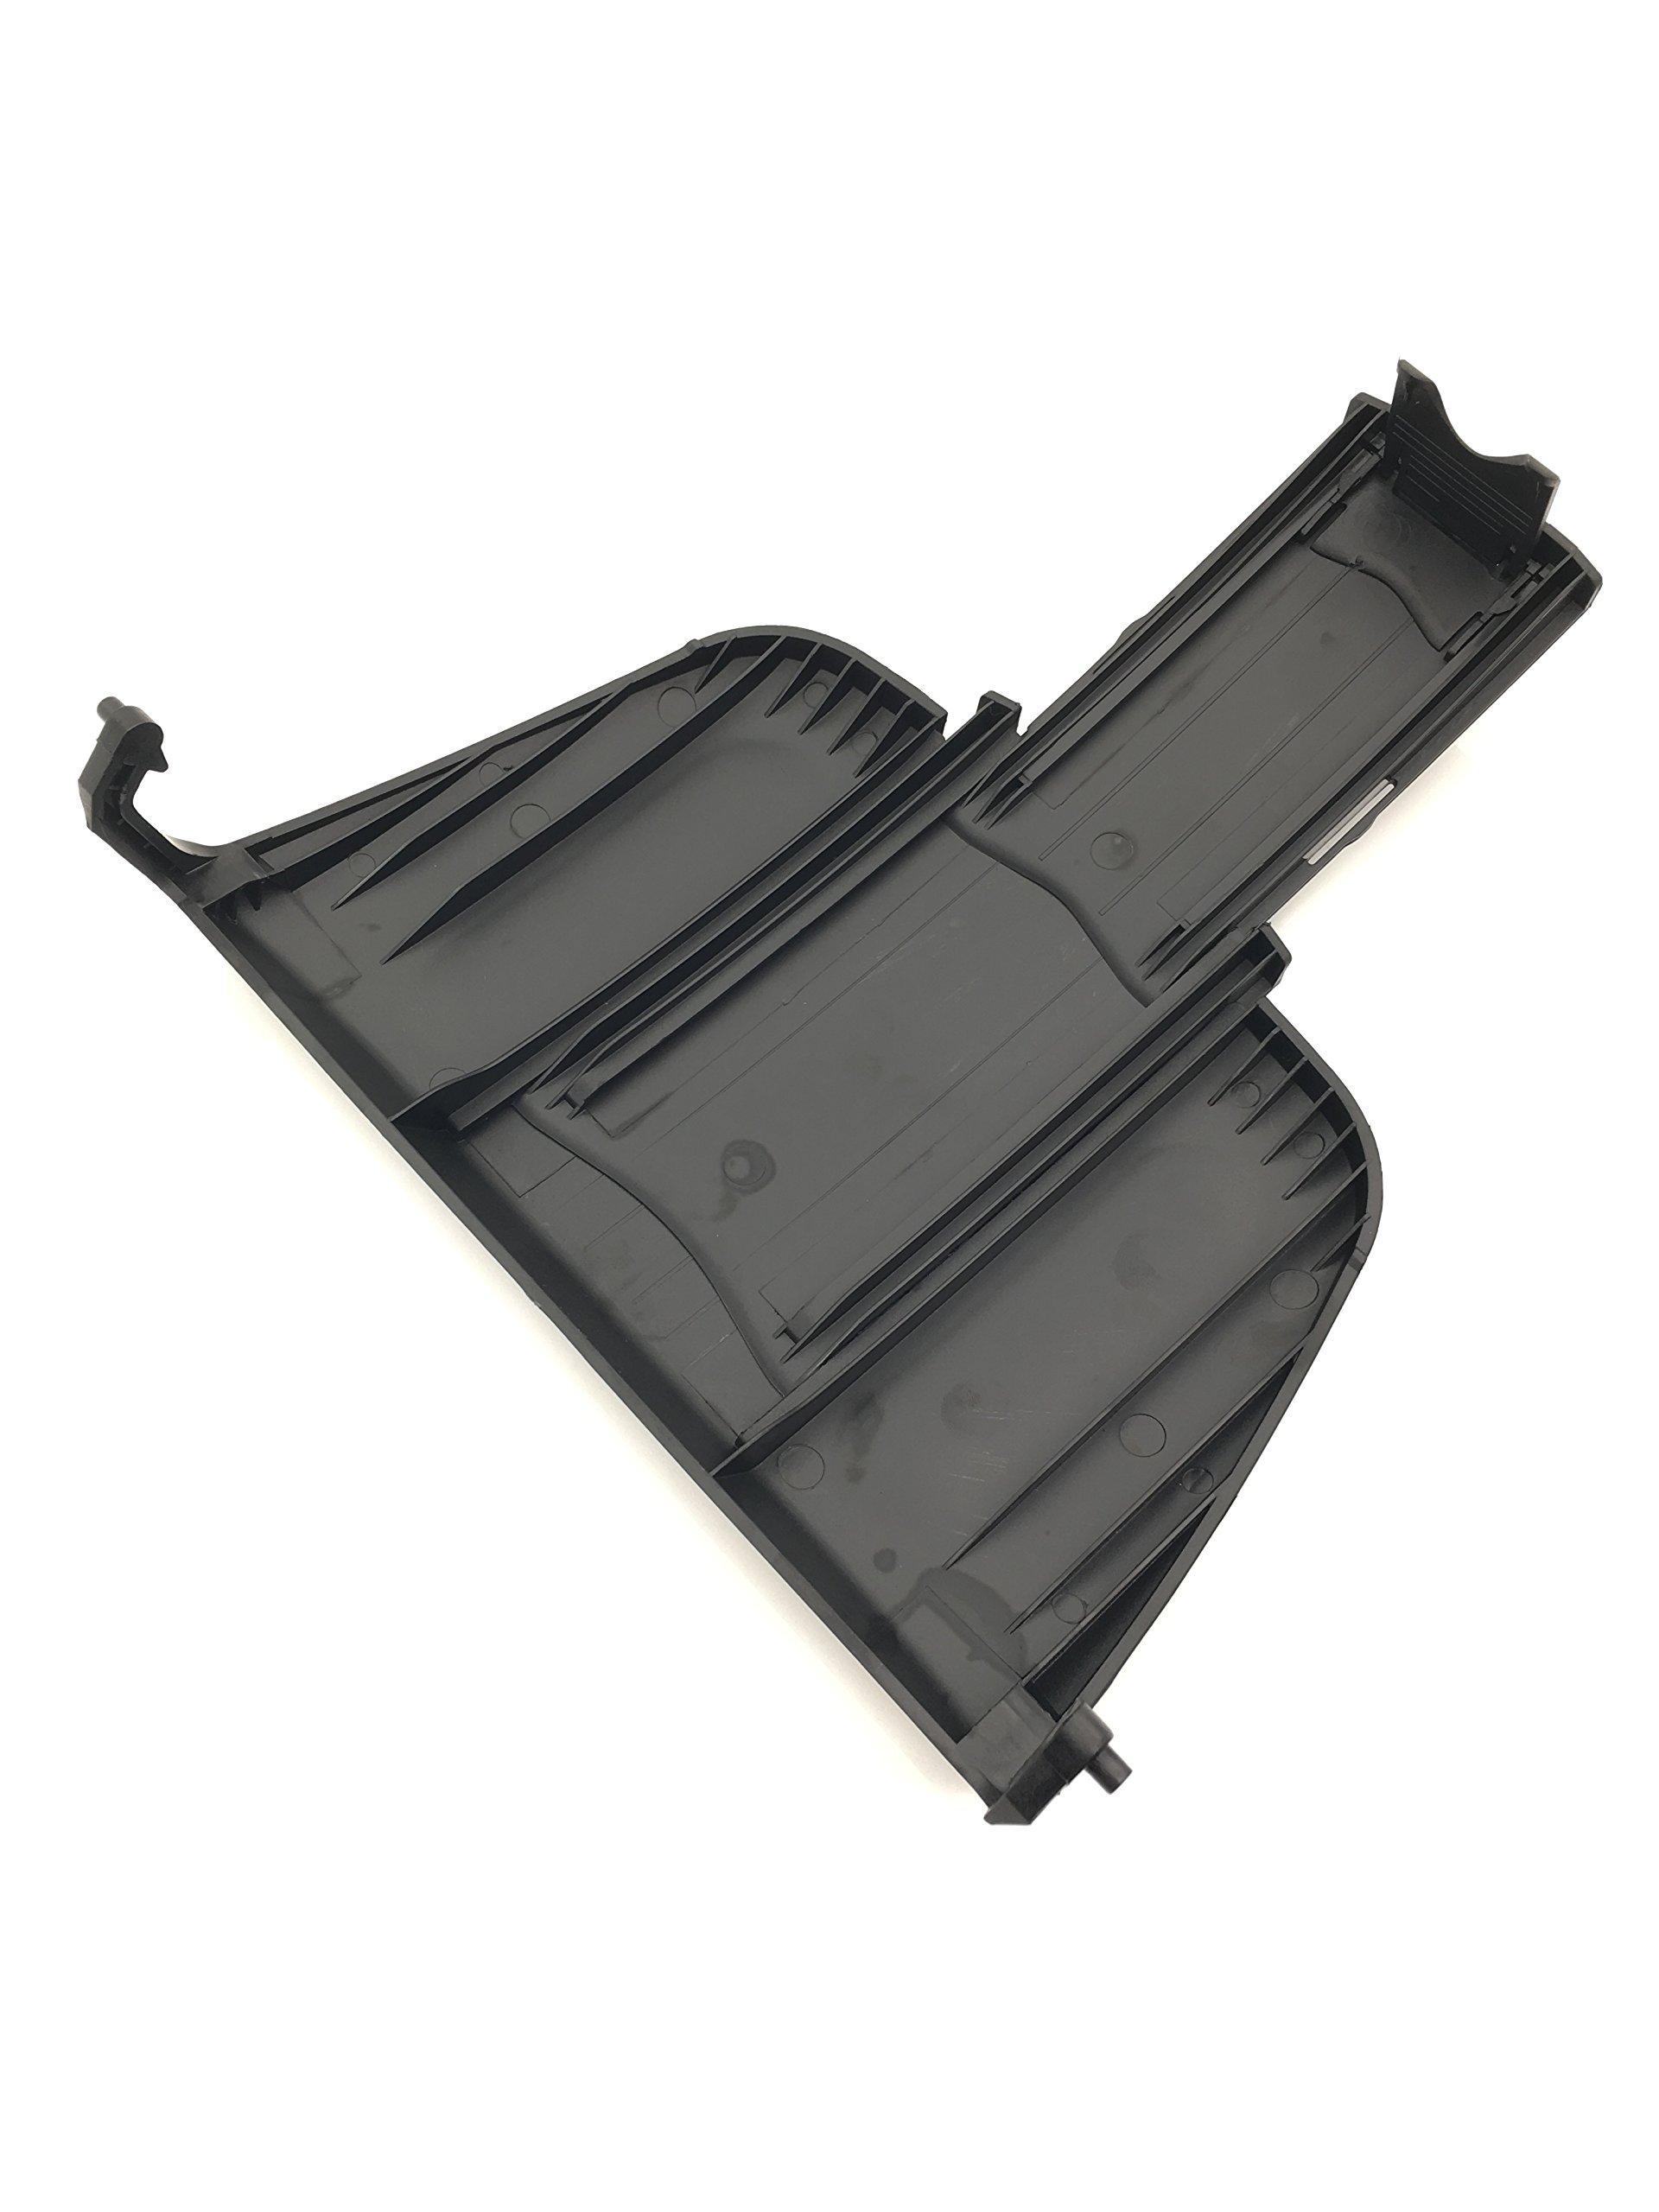 OKLILI PA03670-E980 Sheet Stacker Unit Output Tray Stacker Assembly for Fujitsu fi-7160 fi-7180 fi-7140 fi7140 fi7160 fi7180